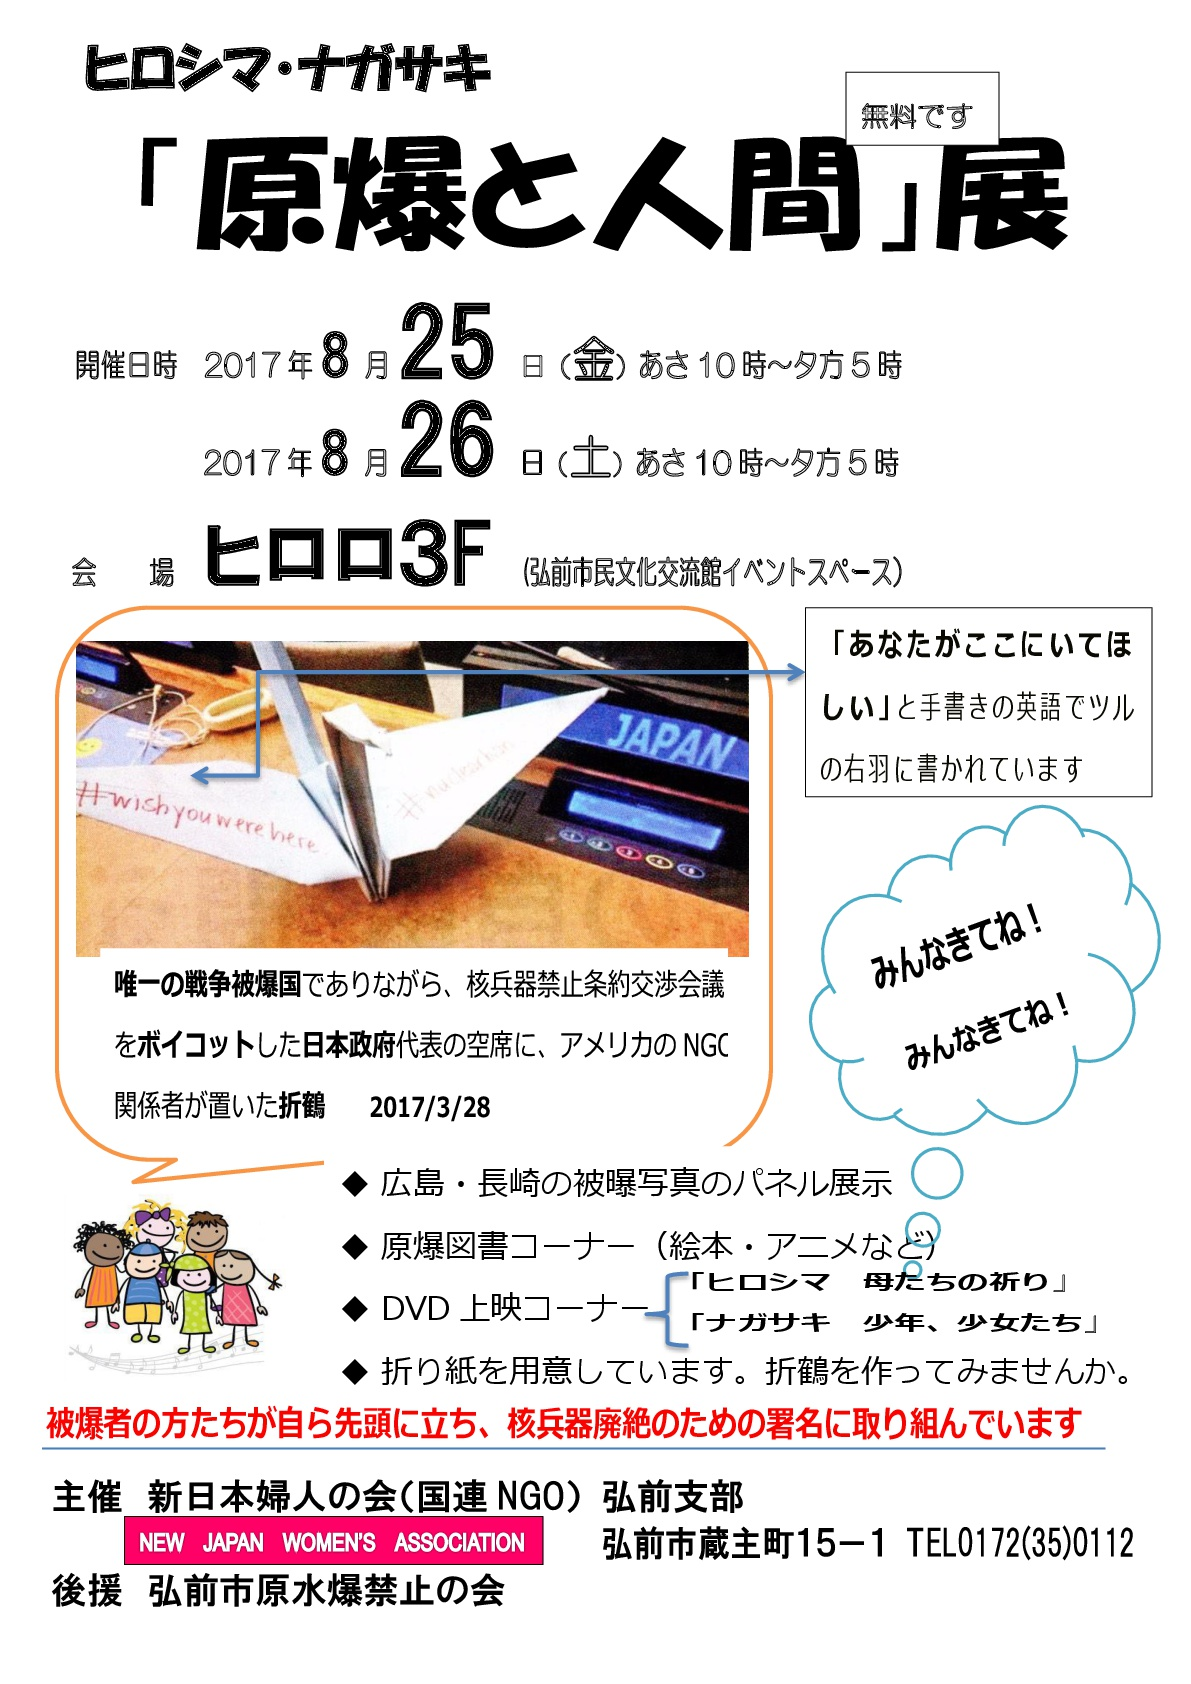 ヒロシマ展 チラシ版2017-001.jpg